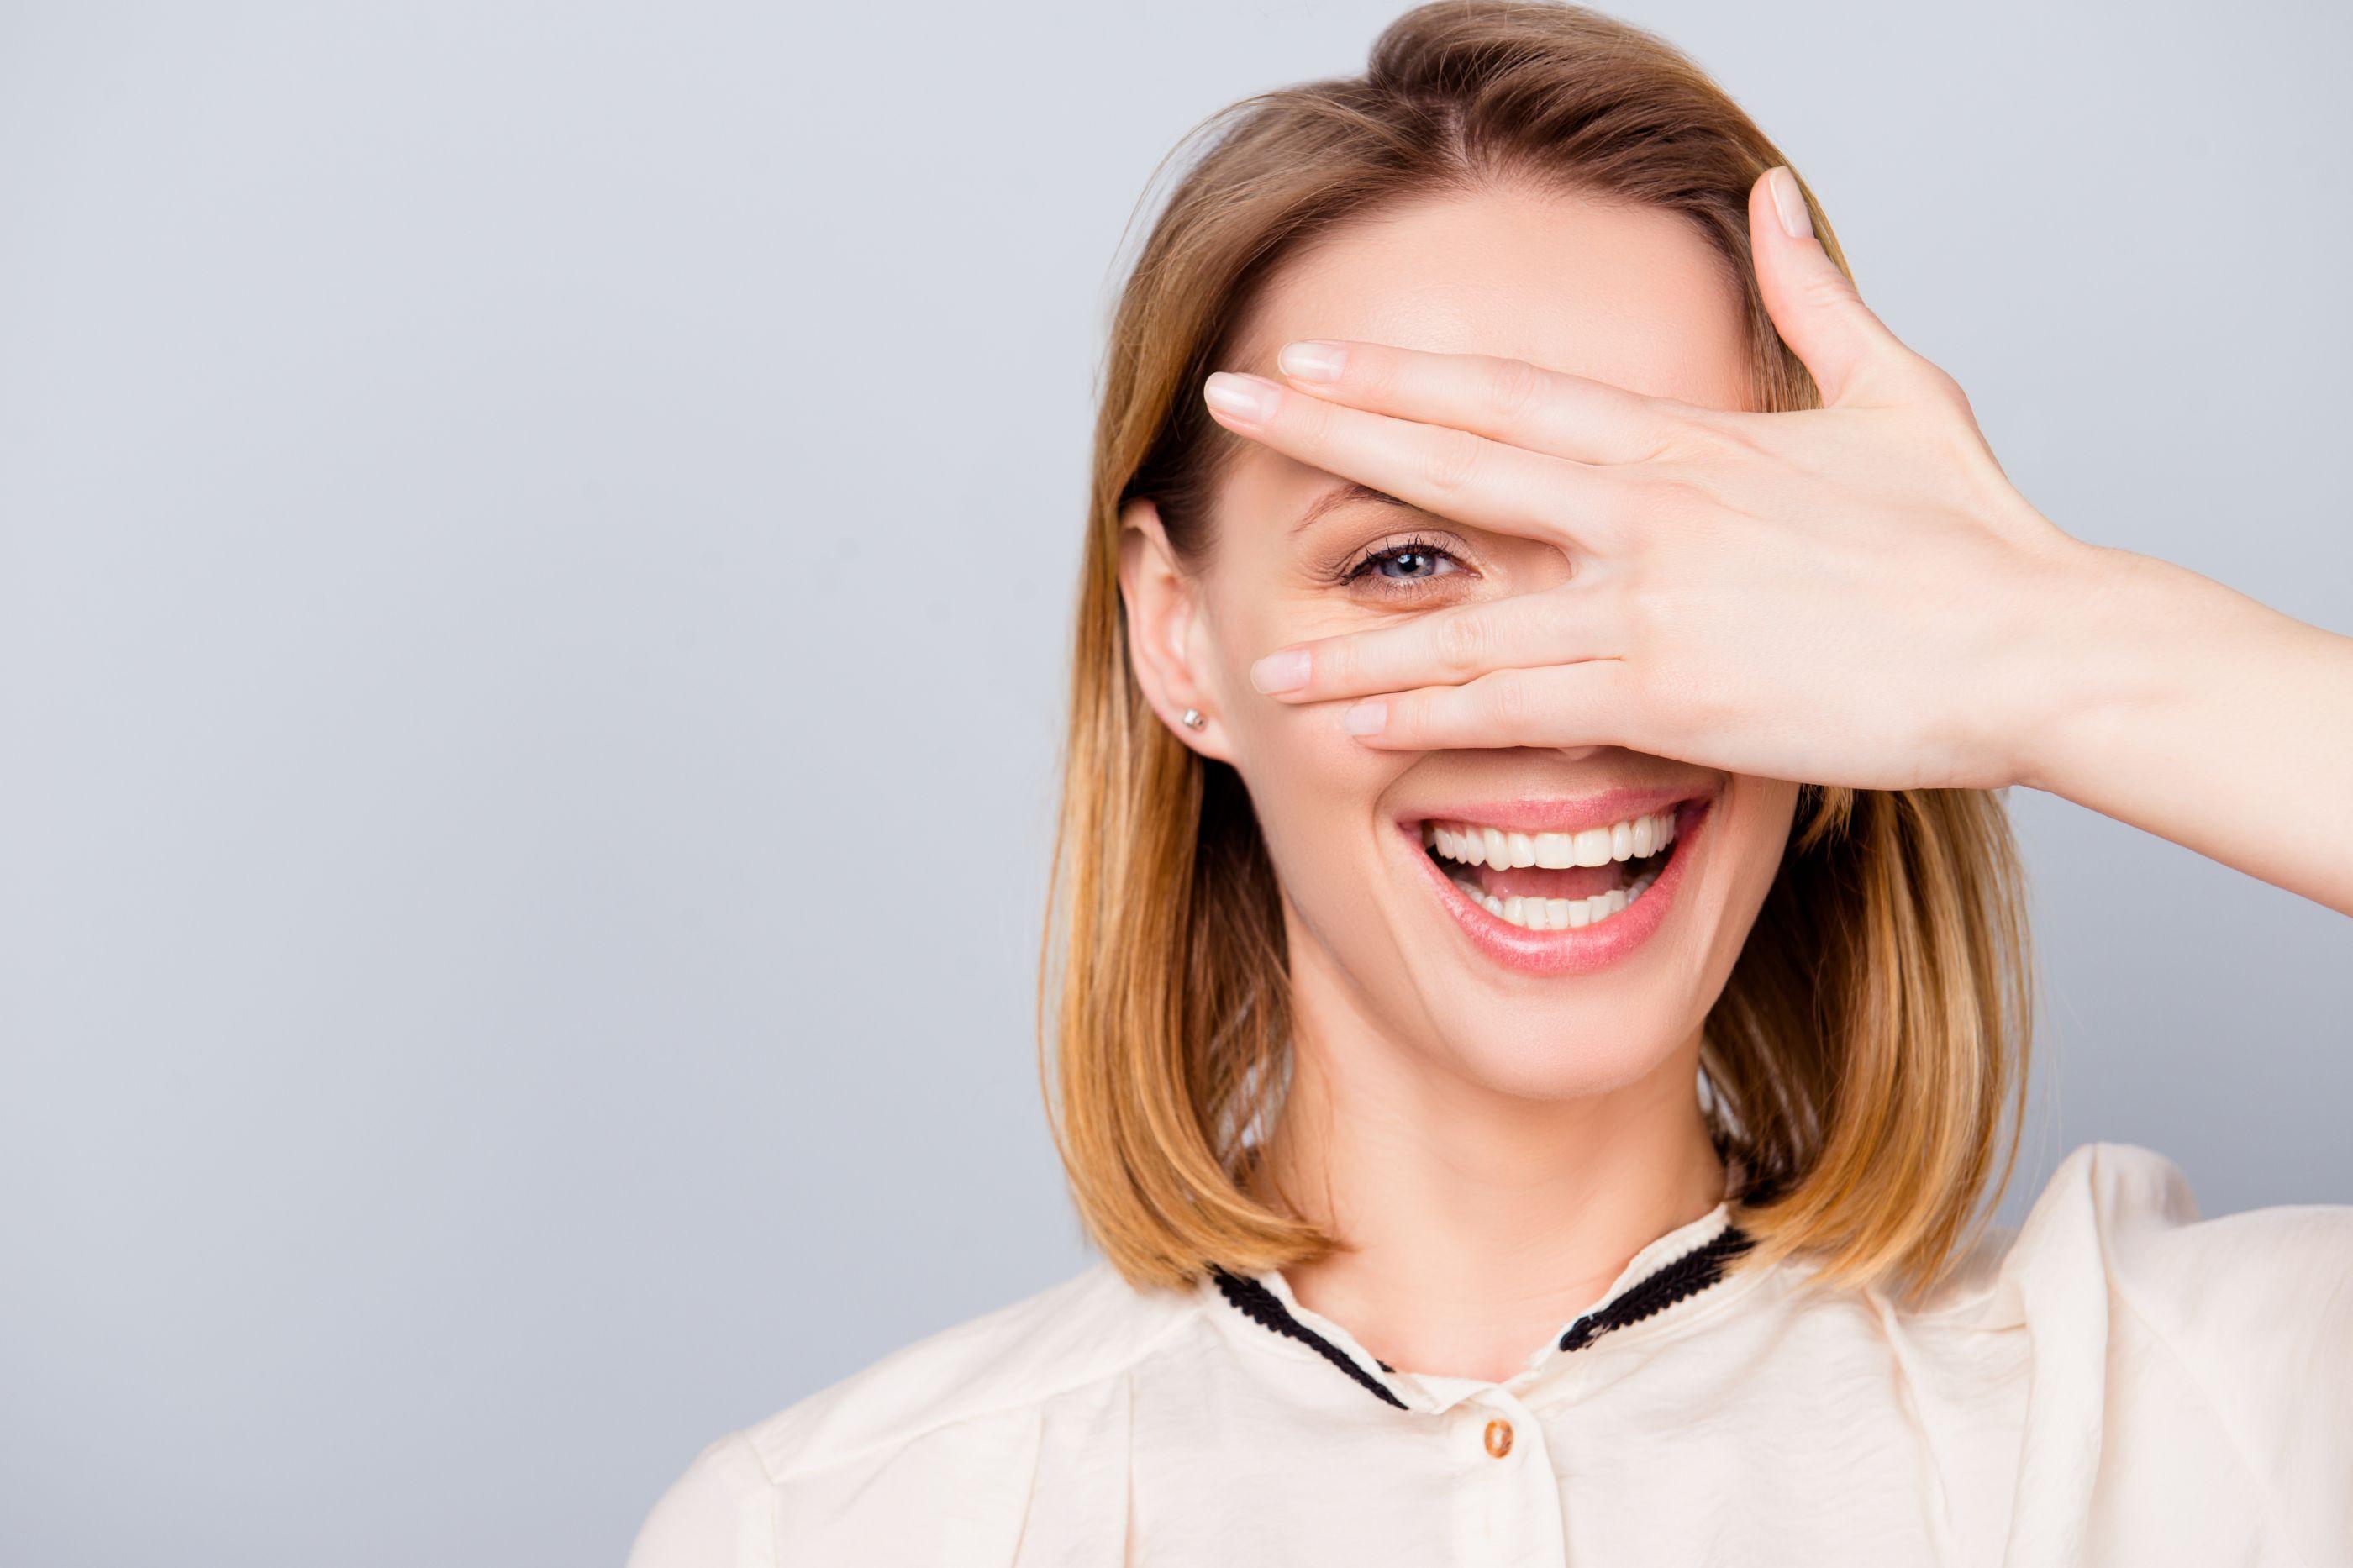 Pénis facial: A nova proposta de beleza é algo em que nunca pensaria